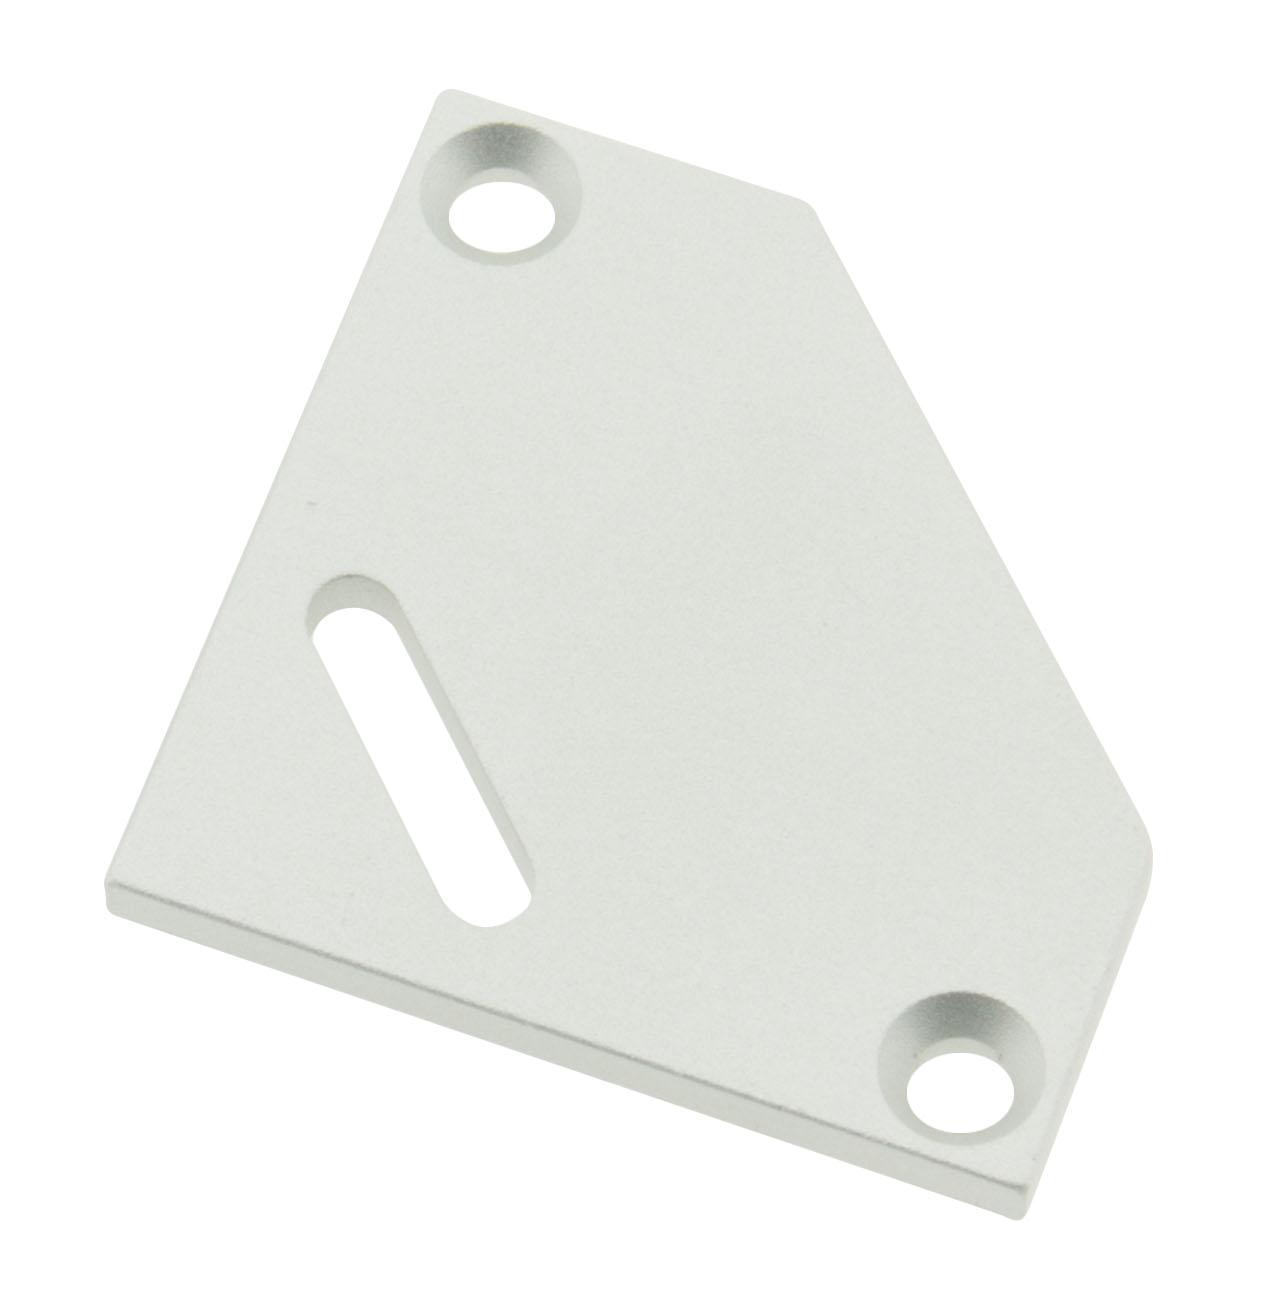 1 Stk Profil Endkappe TBE Flach mit Langloch inkl. Schrauben LIEK002601